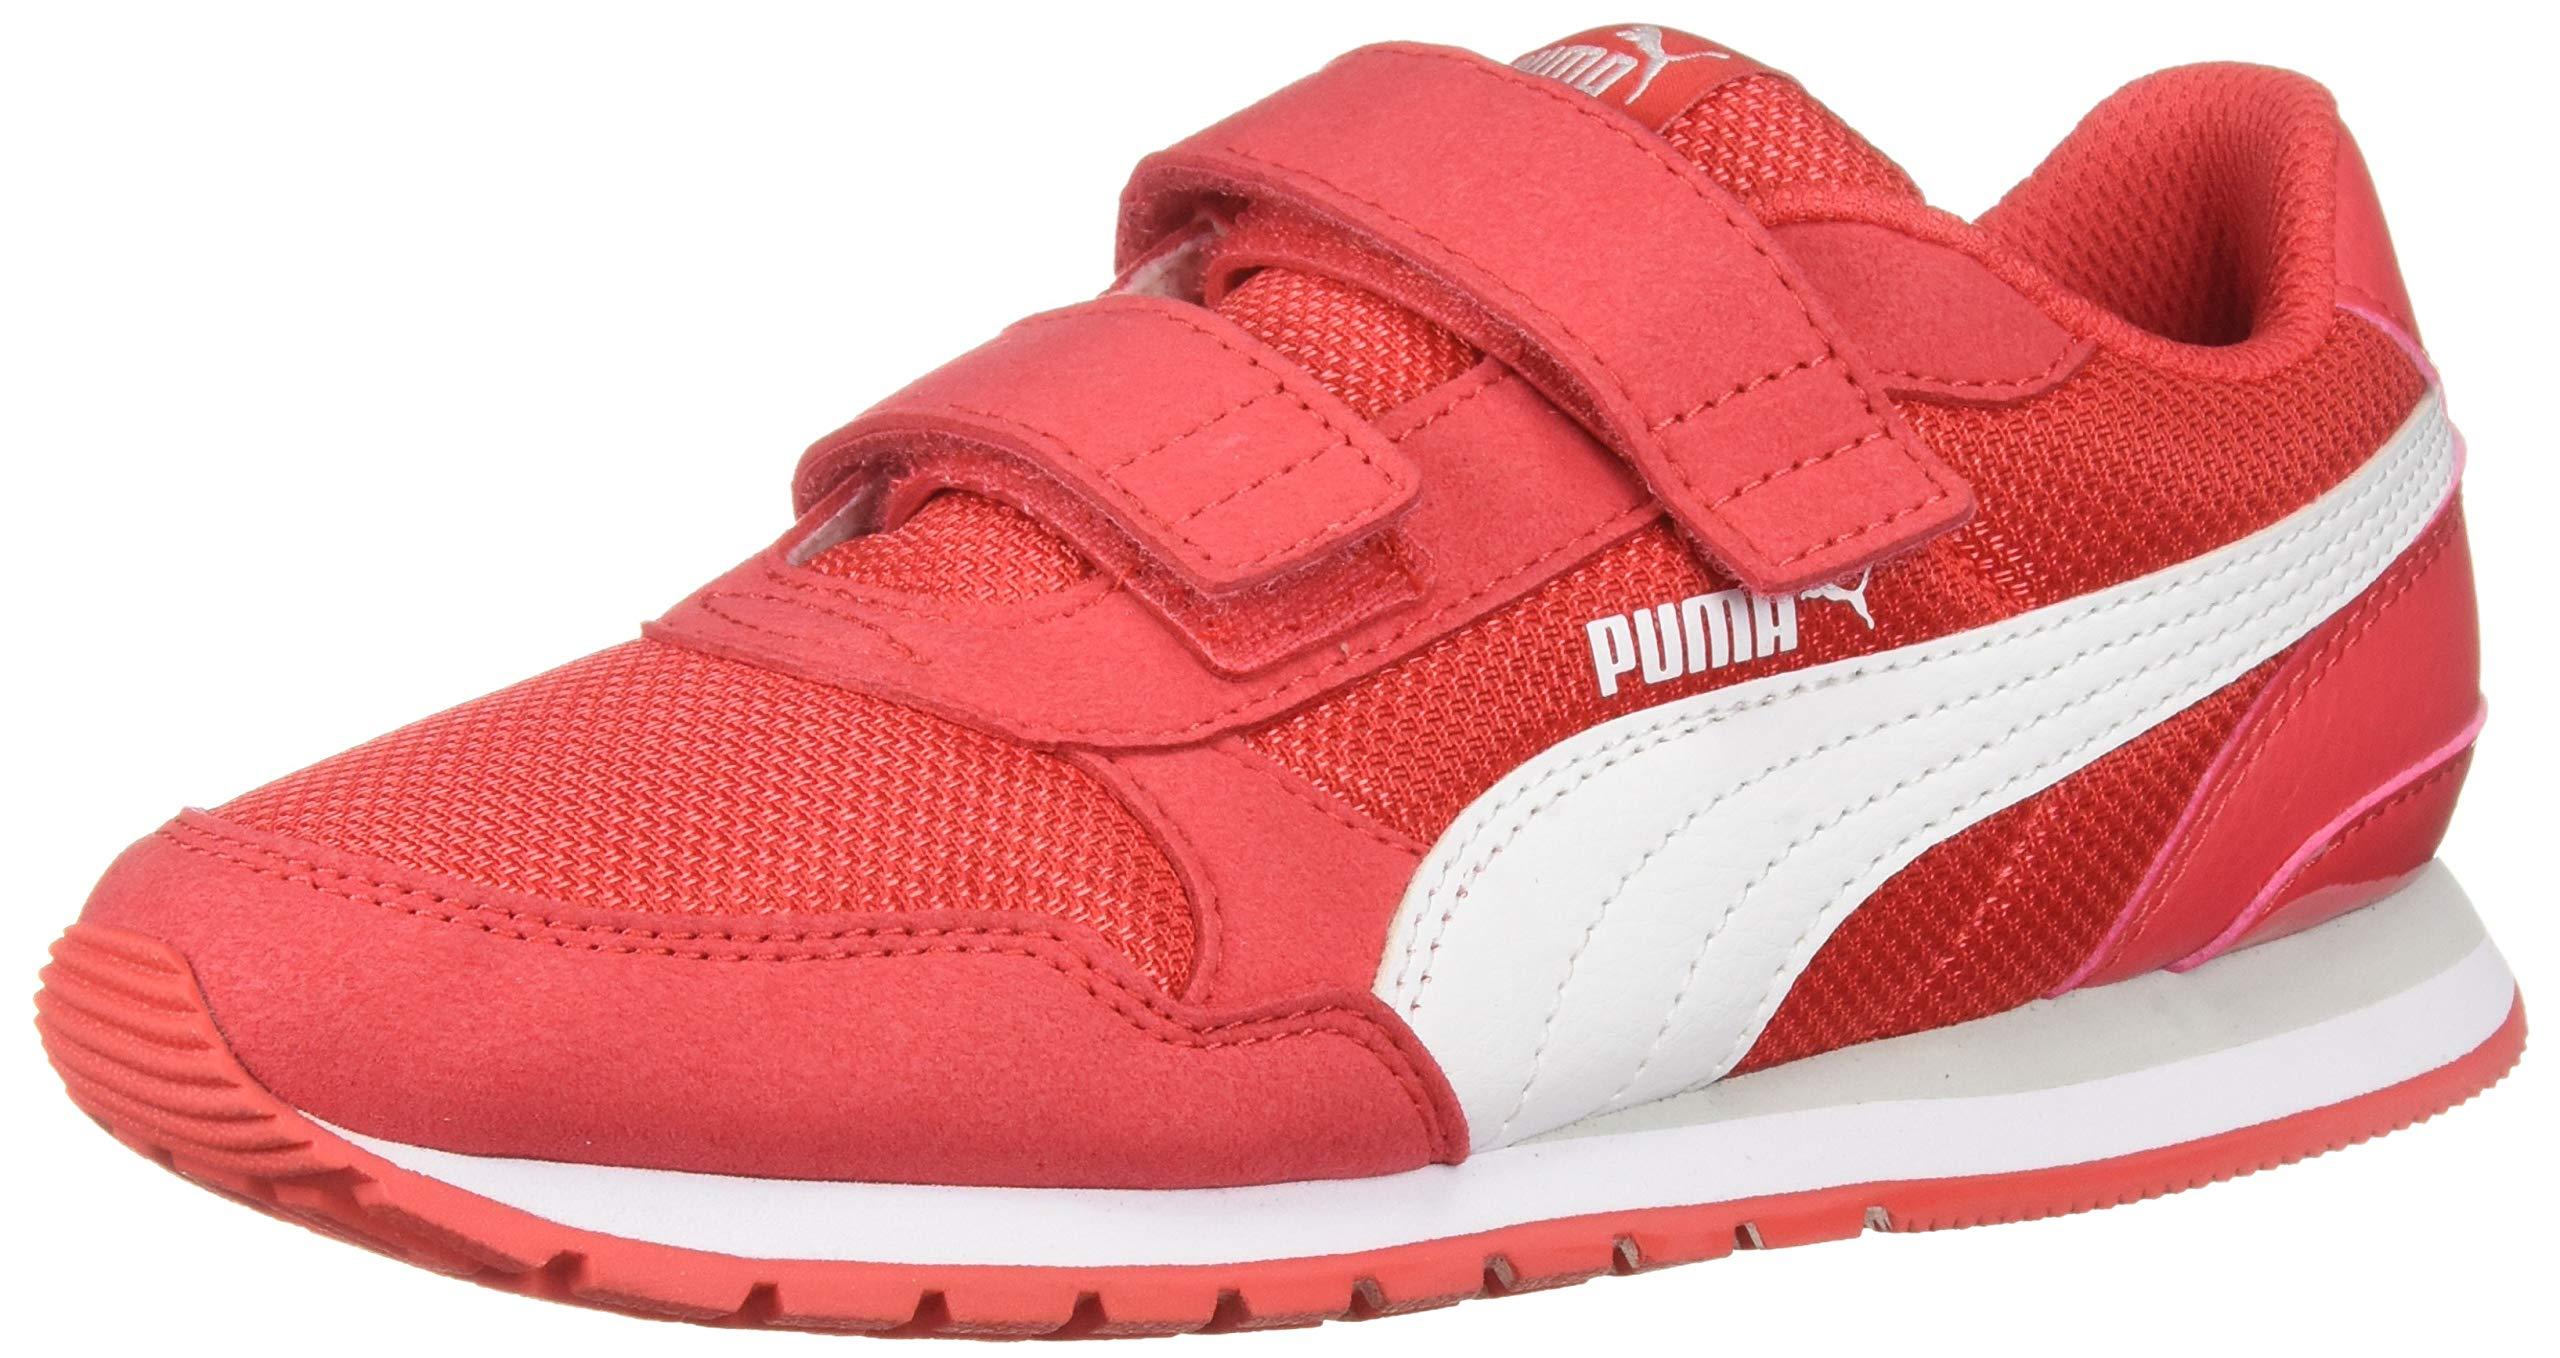 PUMA ST Runner Velcro Sneaker hibiscus - white-gray violet 10.5 M US Little Kid